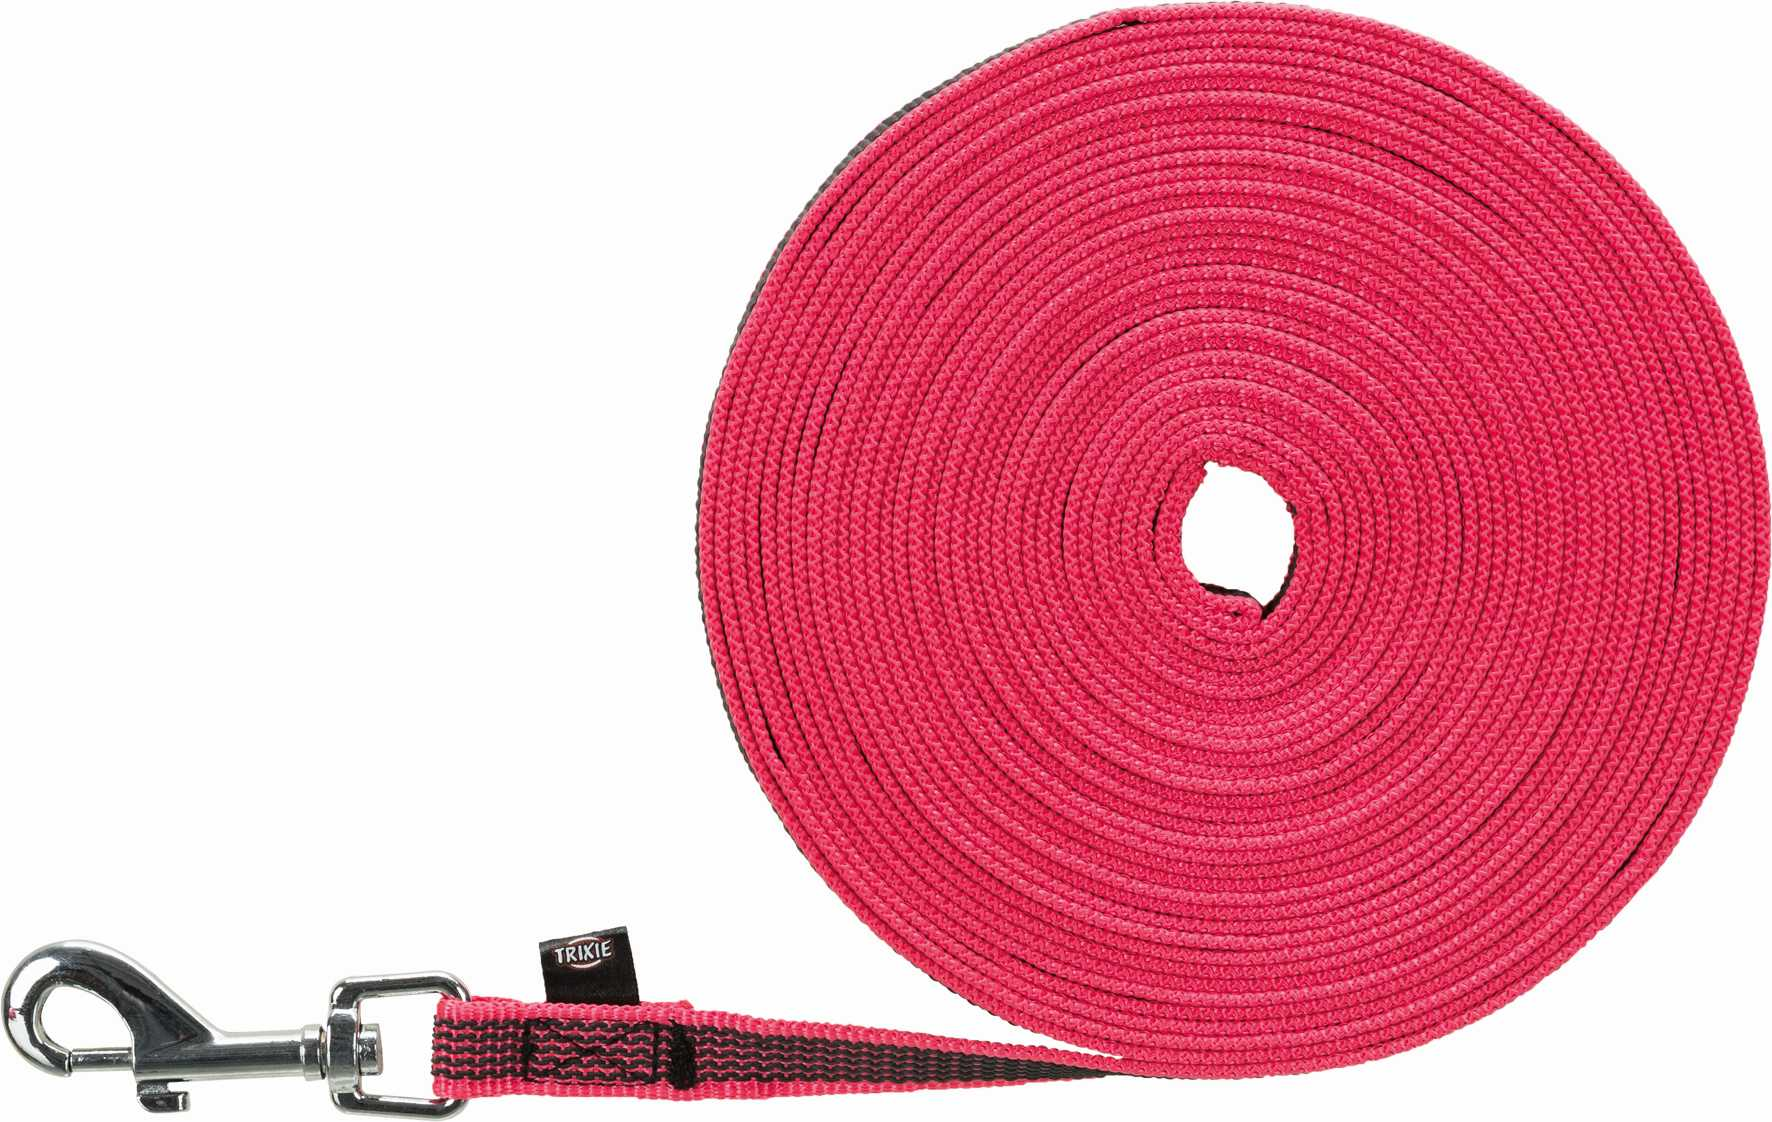 Трос для собак TRIXIE, нейлон, розовый, длина